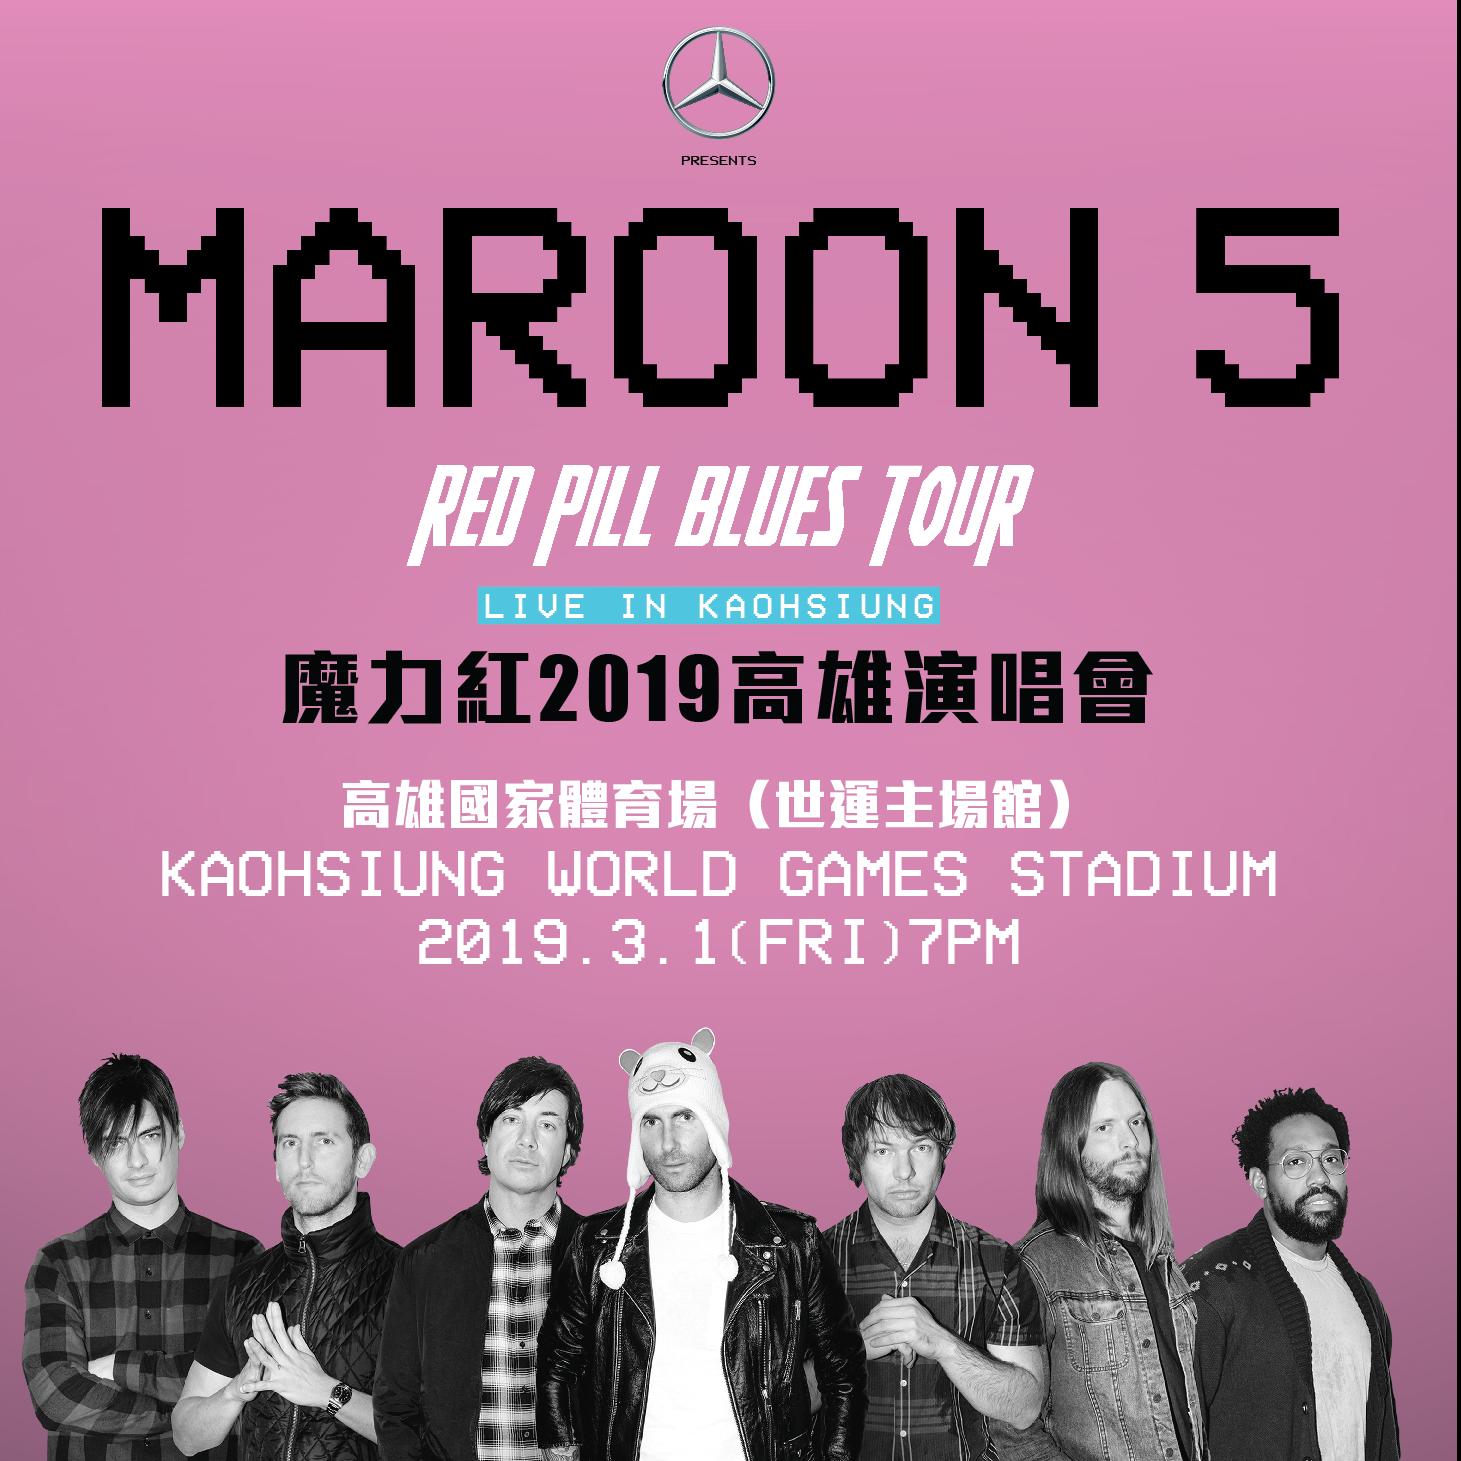 228 連假開唱!魔力紅 2019 高雄演唱會售票資訊釋出